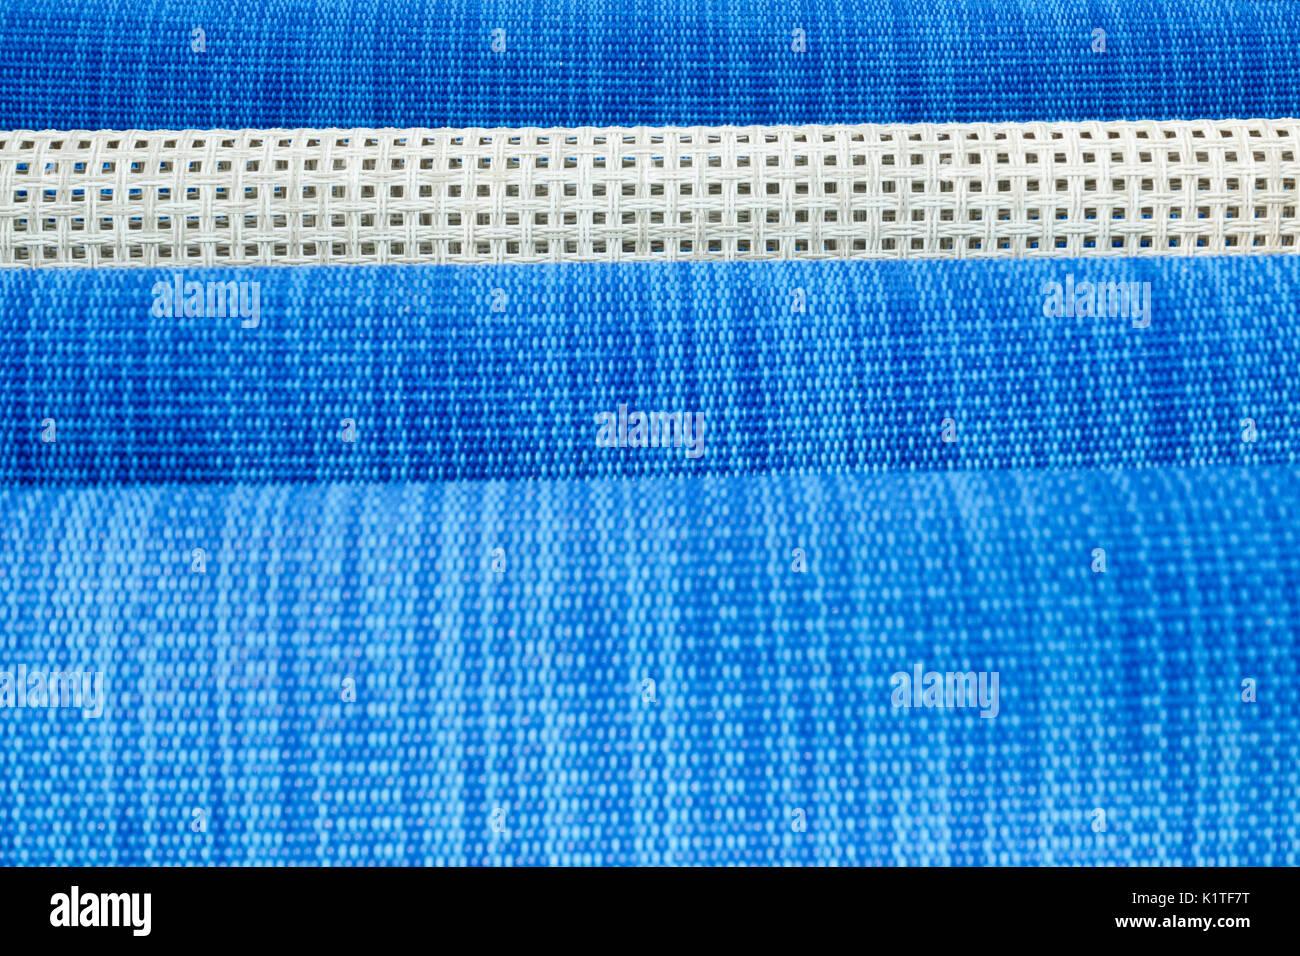 Close-up of sunbathing sundecks, textured background - Stock Image